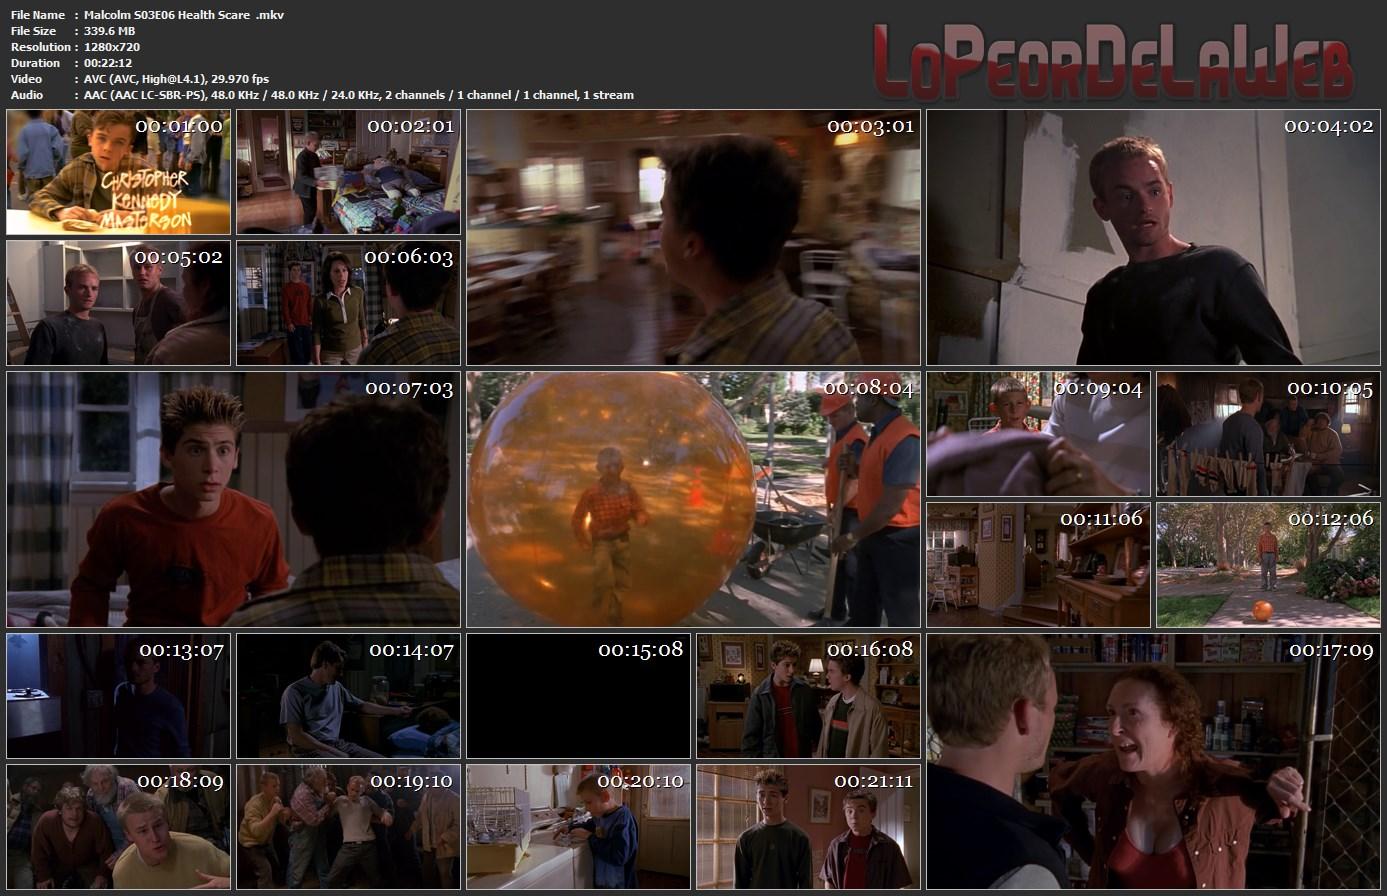 Malcolm el de en medio | Temporadas 1 - 6 | 720p Latino | MG